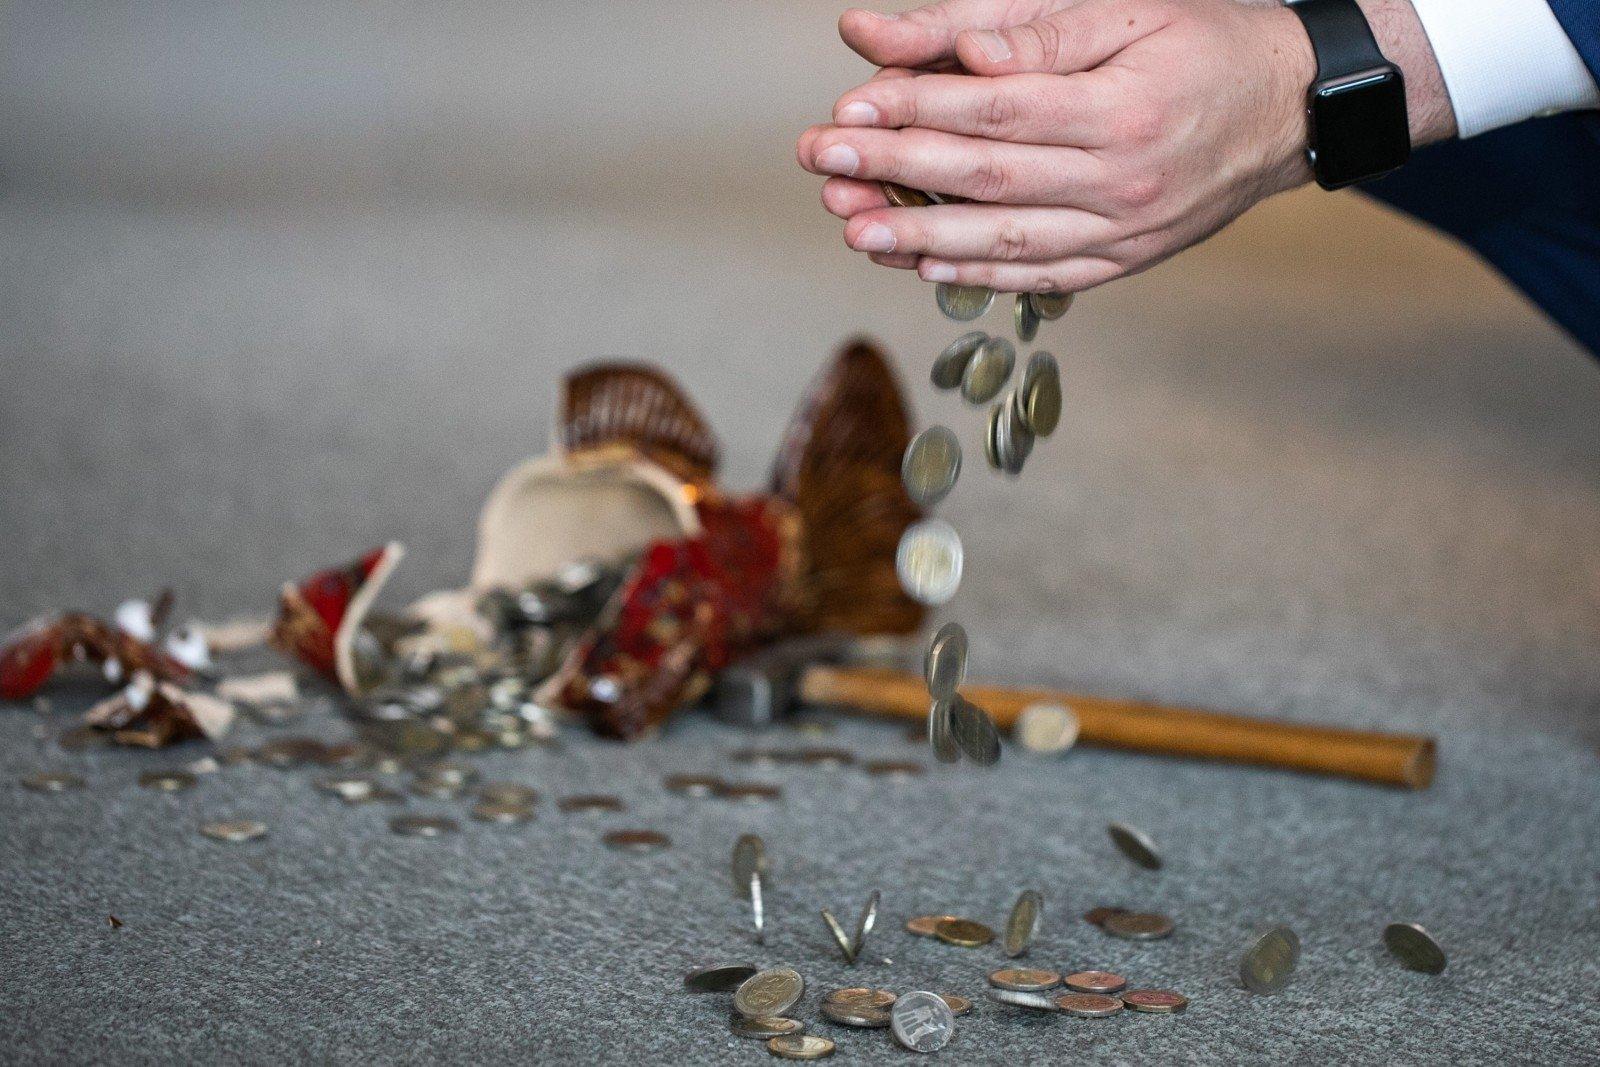 Kaip užsidirbti pinigų internete iš lažybų? - Kas gali padėti su pinigais ar užsidirbti